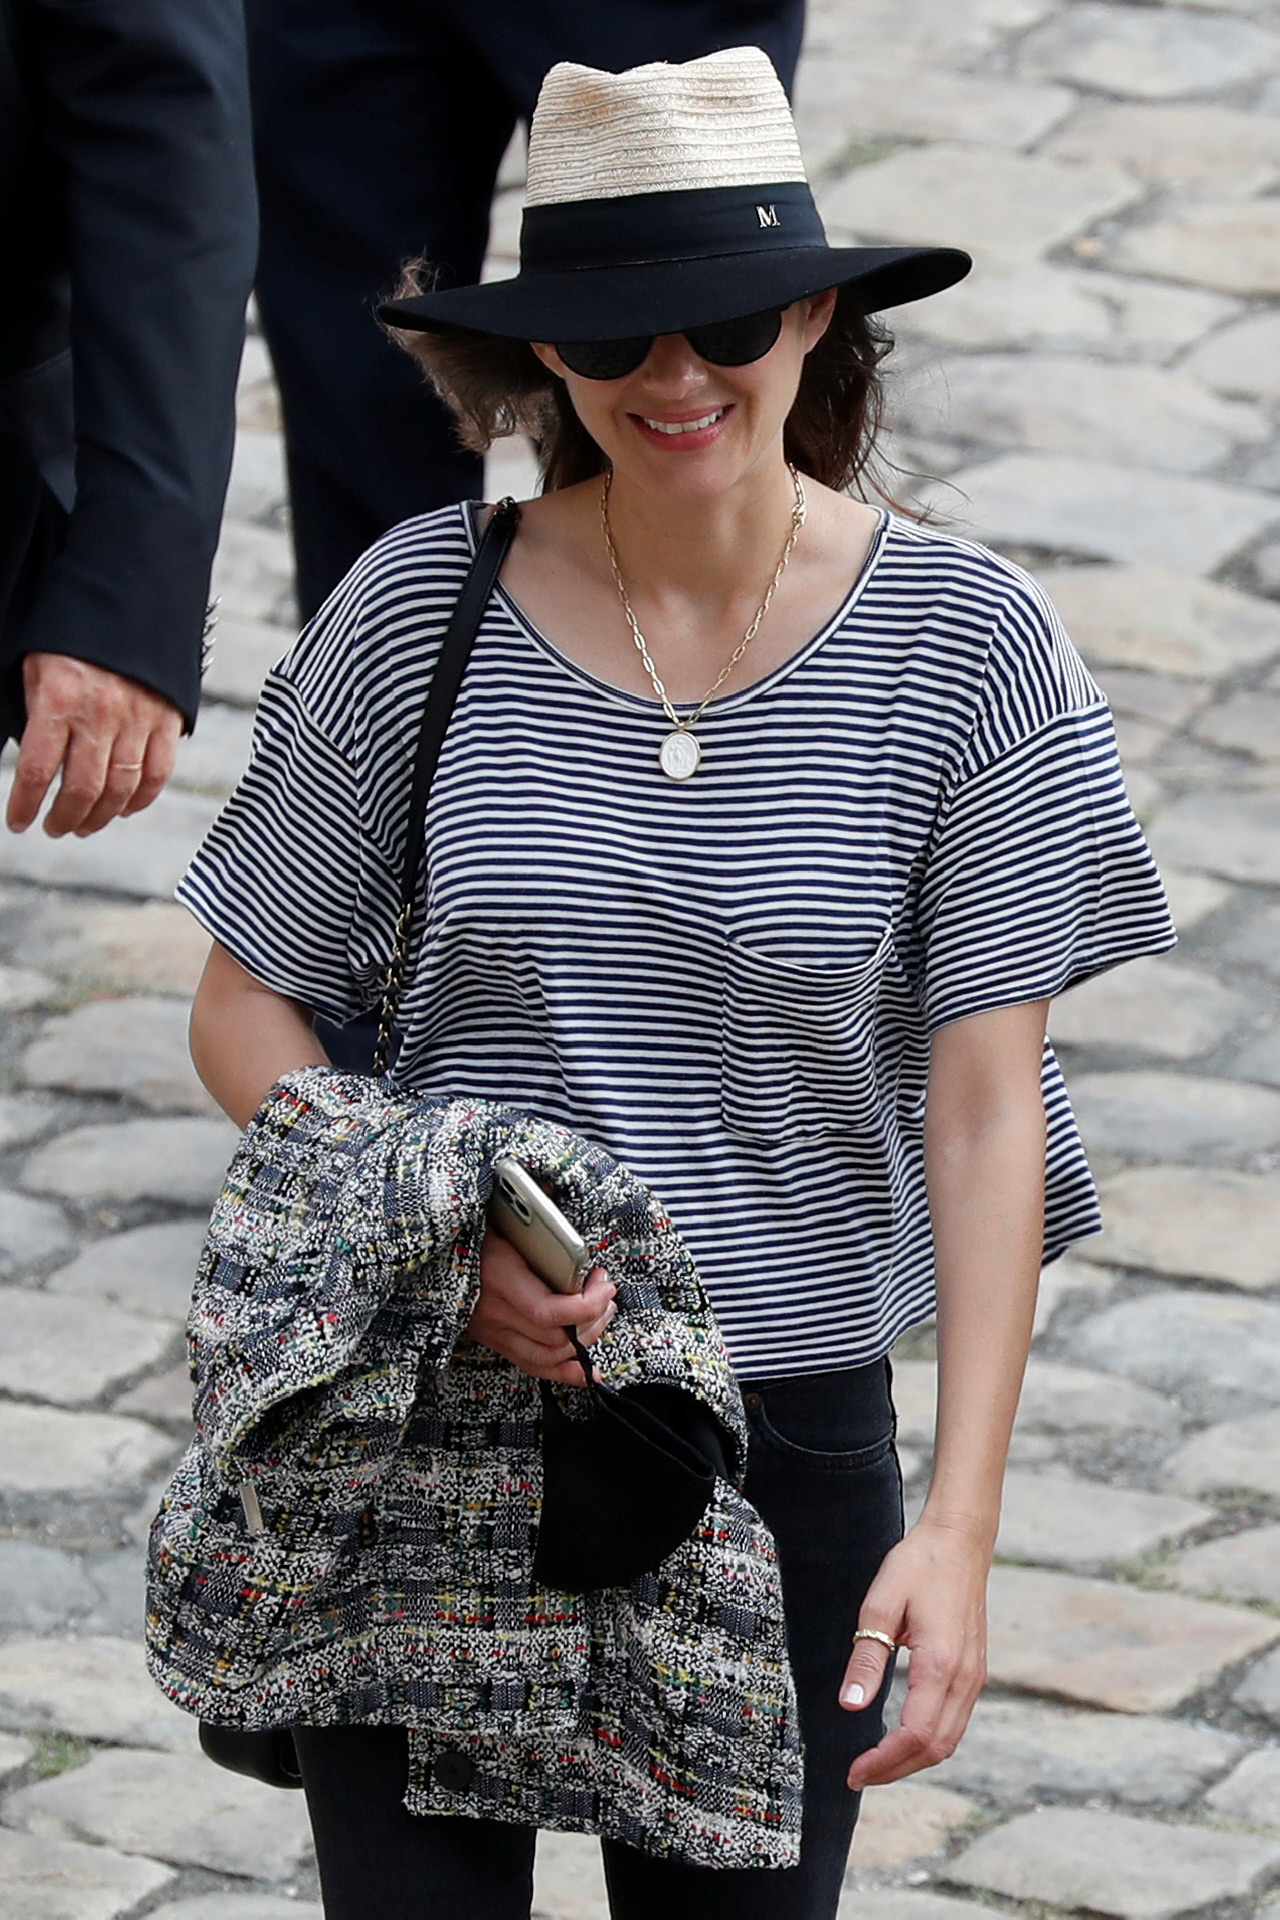 En su vida cotidiana, alejada del photocall, pasea con sombreros de Maison Michel.